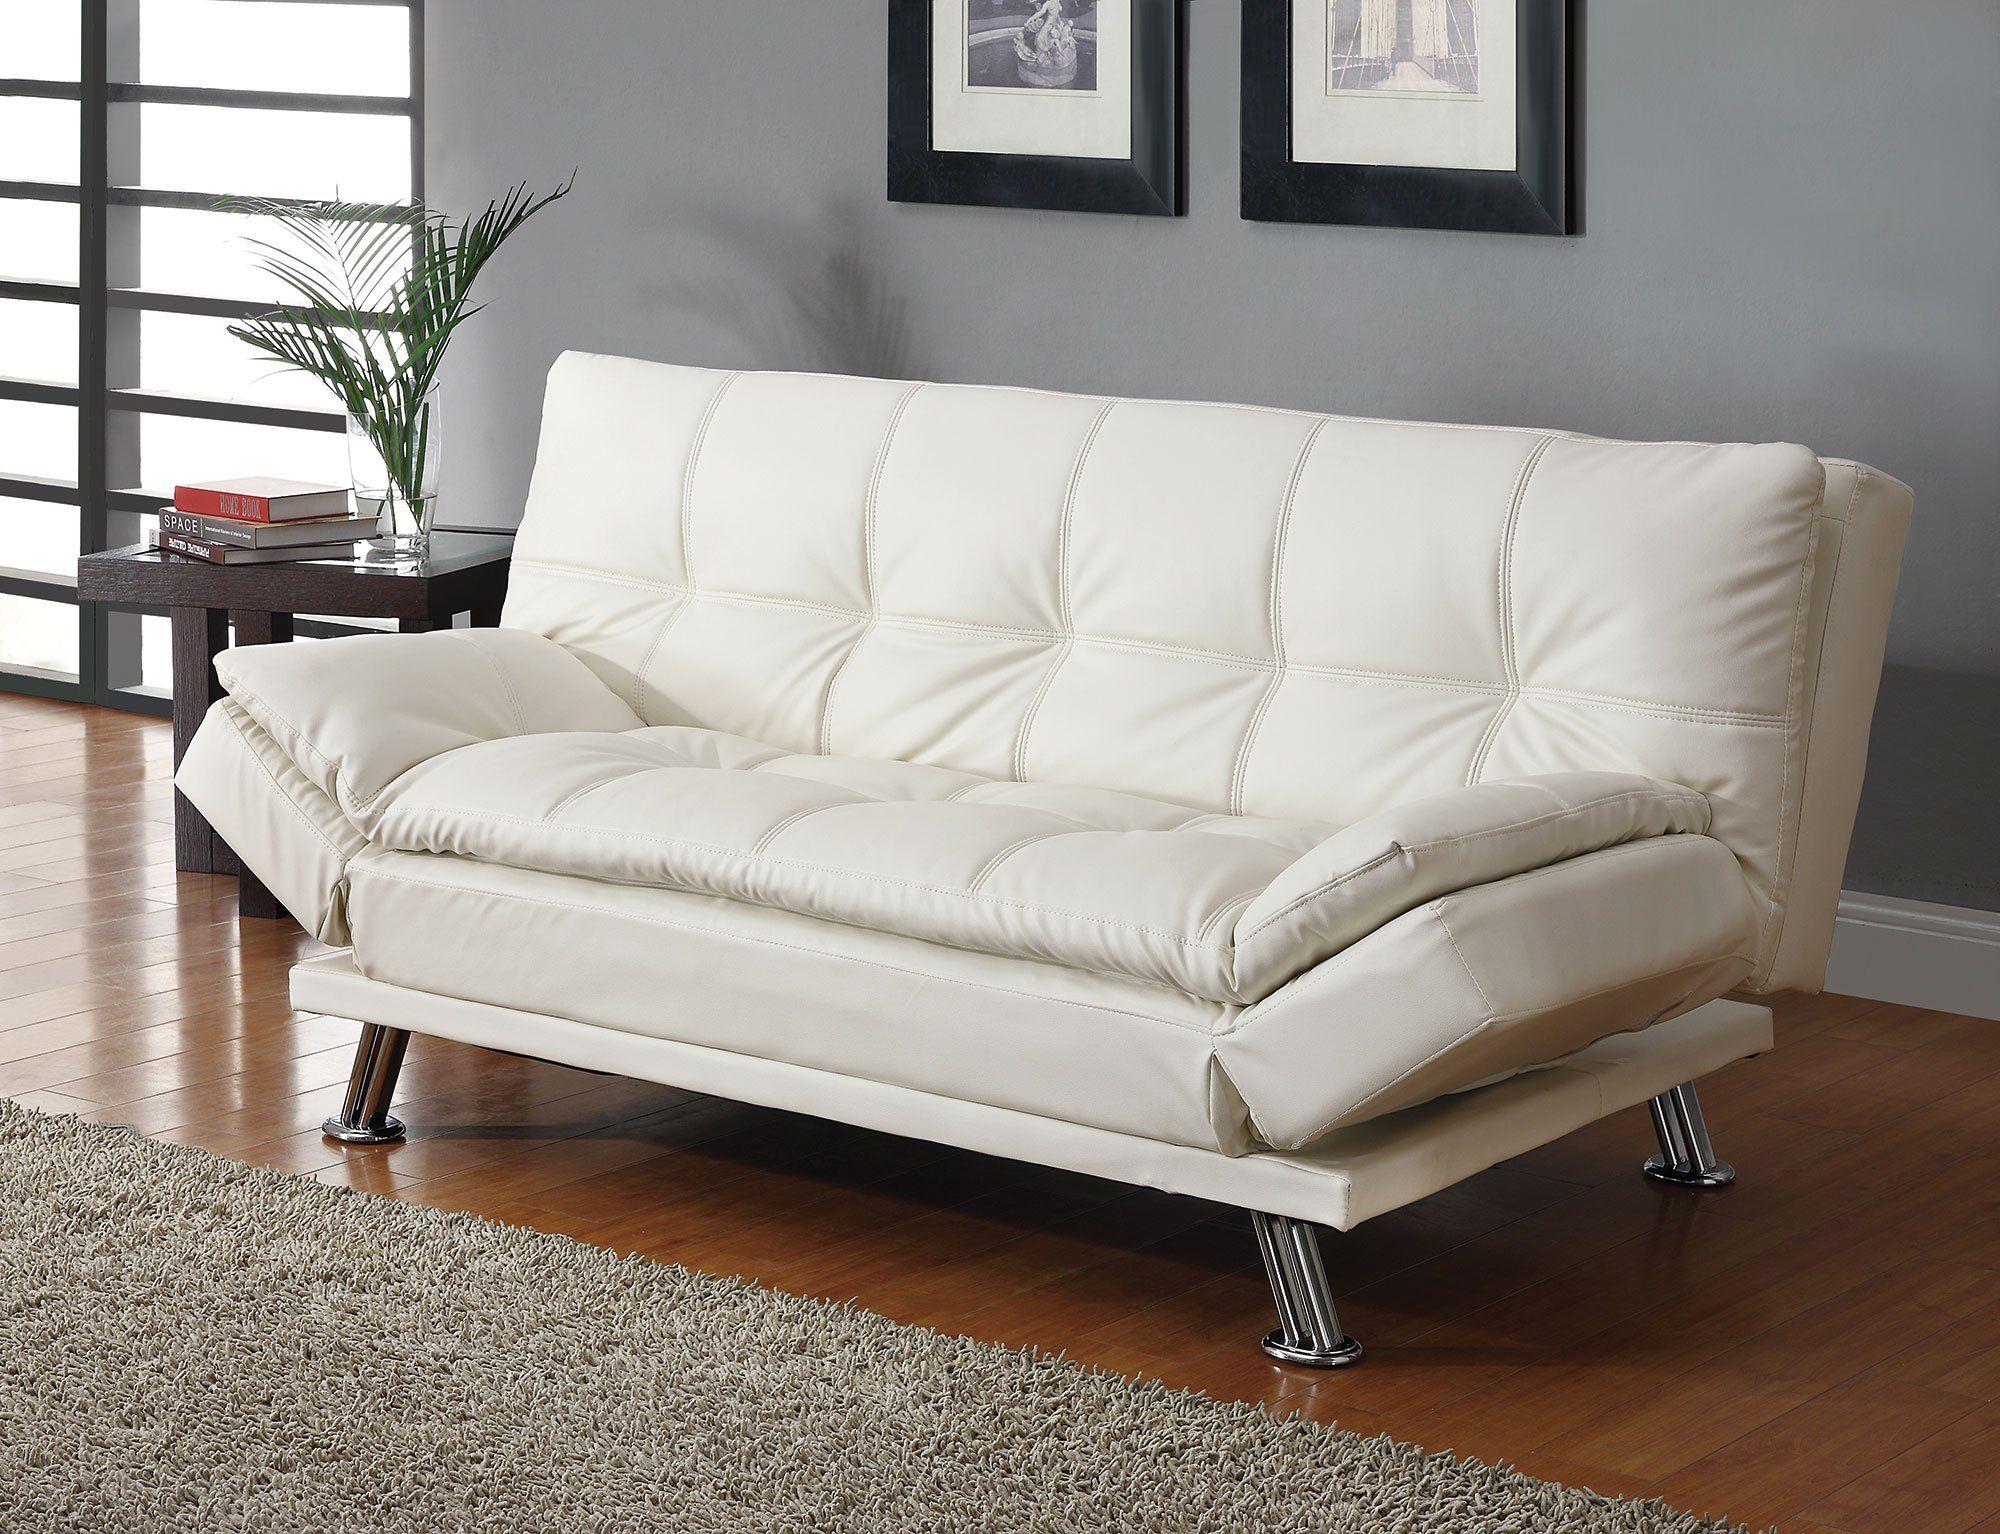 1perfectchoice 3 Pieces Dilleston White Futon Sleeper Sofa Bed Set